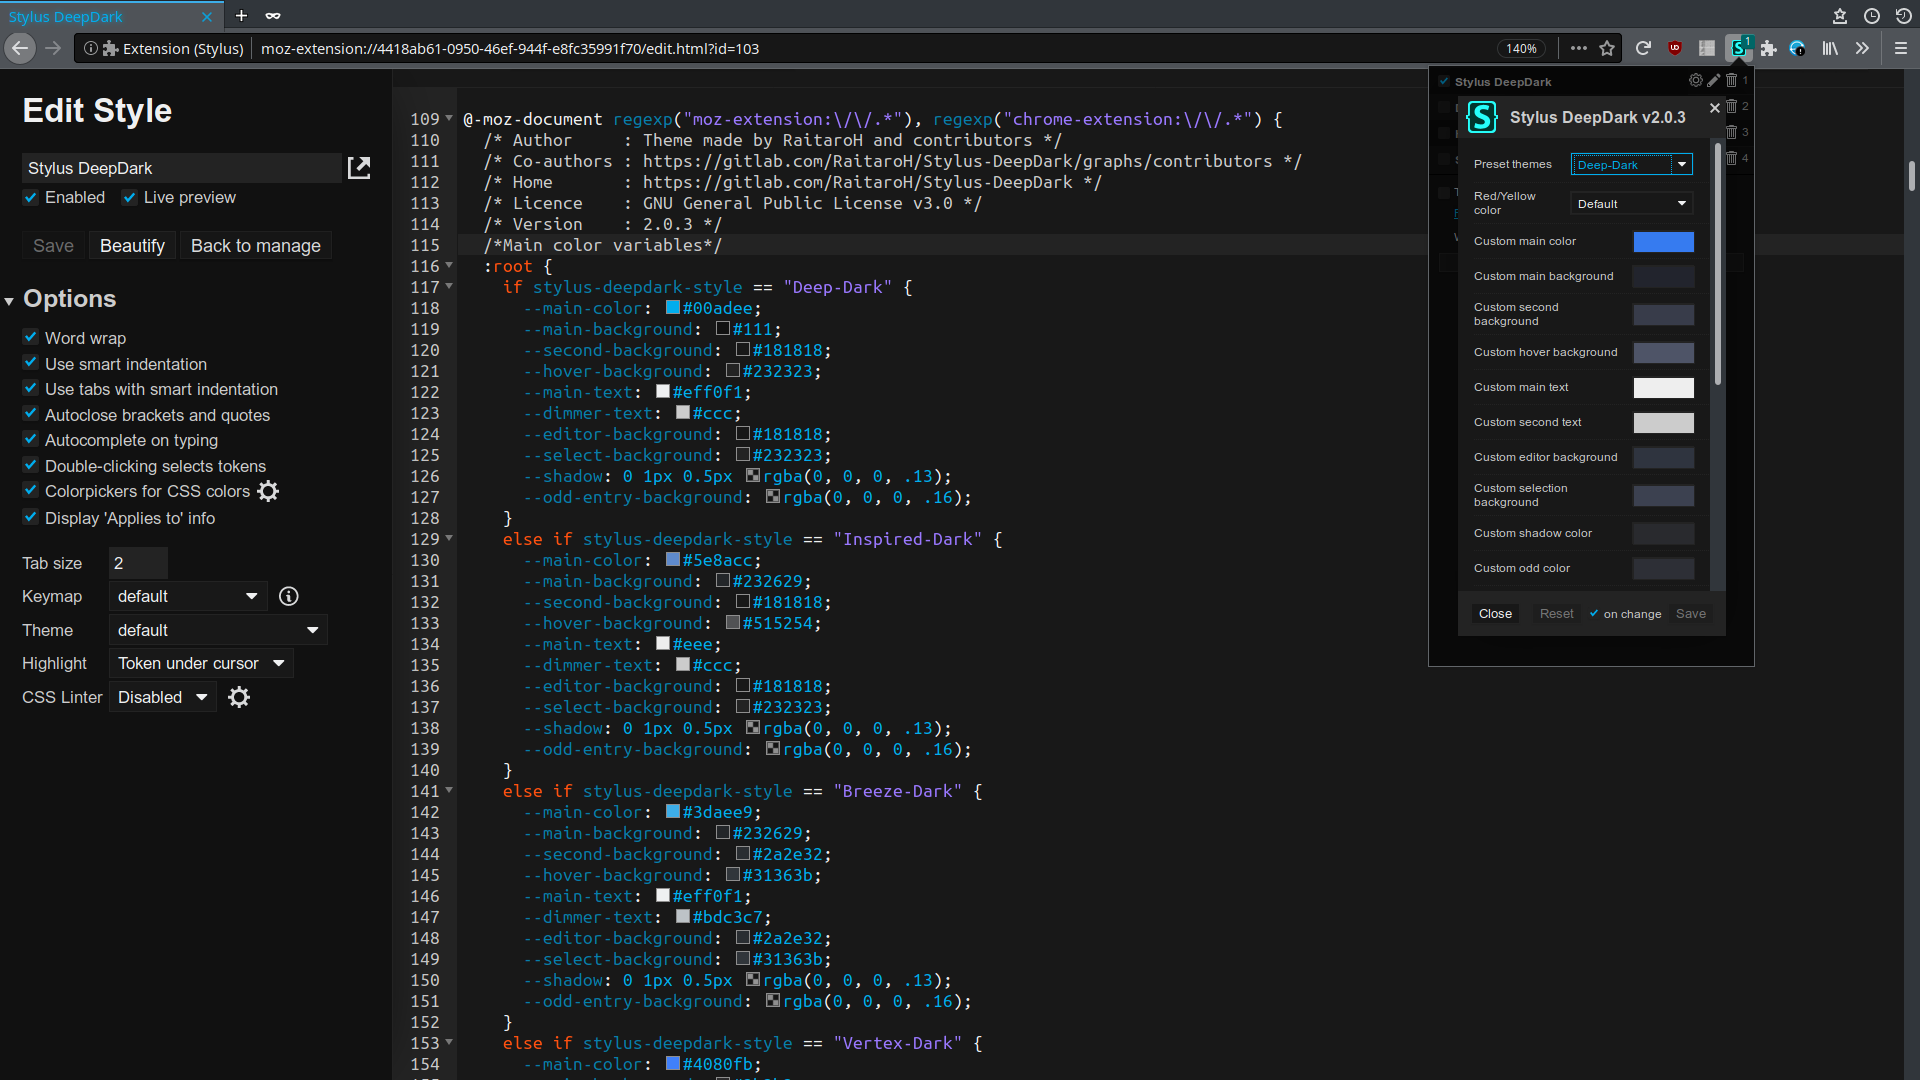 Stylus DeepDark screenshot